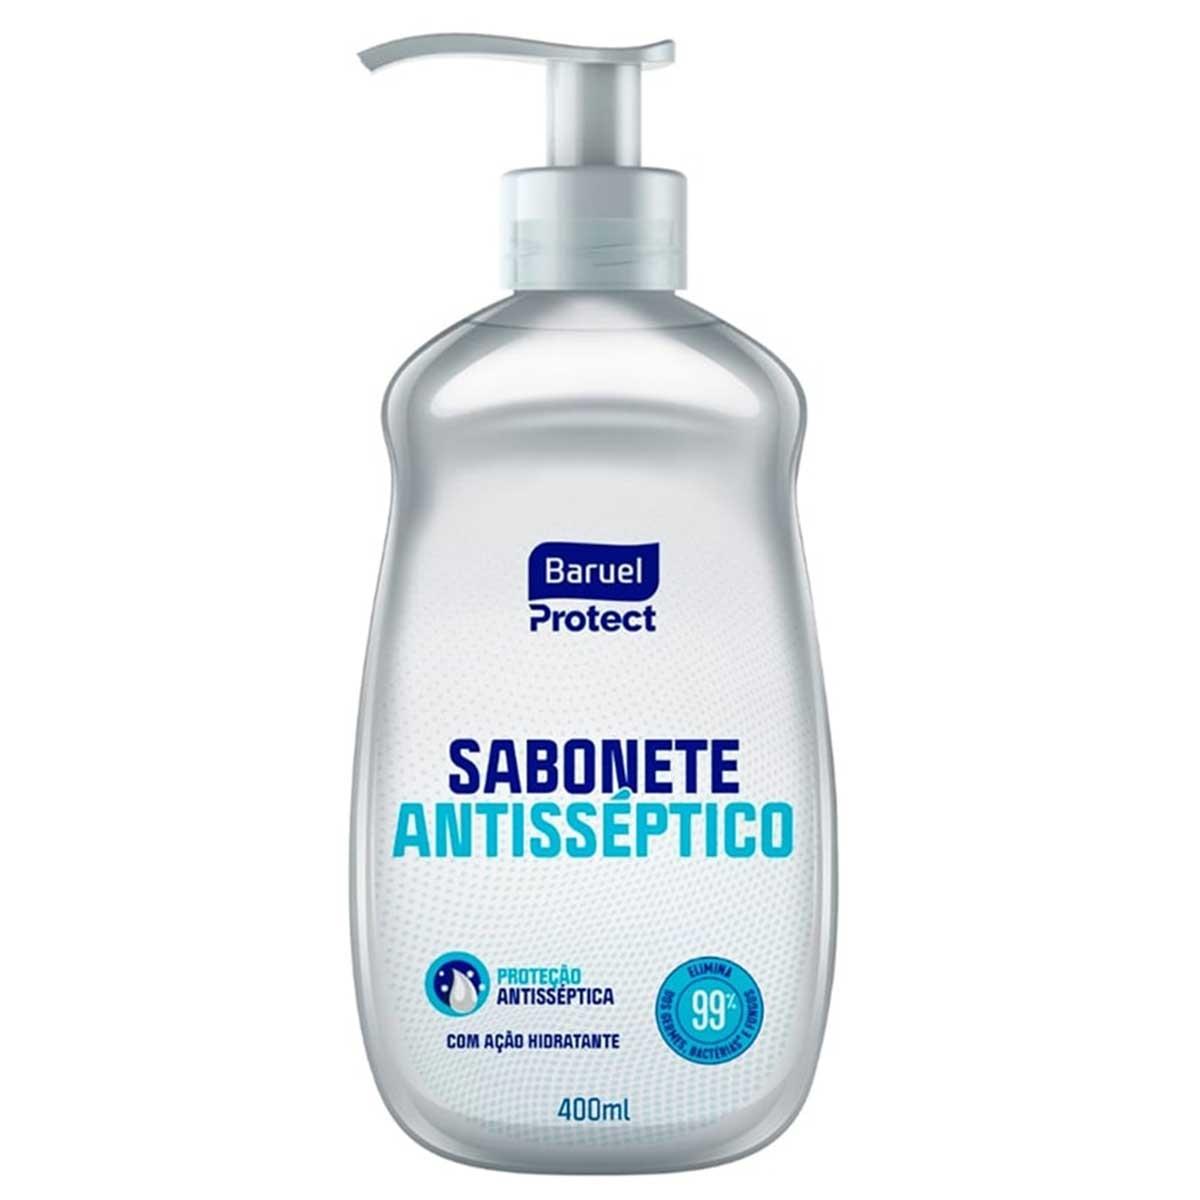 SABONETE  LIQ BARUEL ANTIS PROT 400M